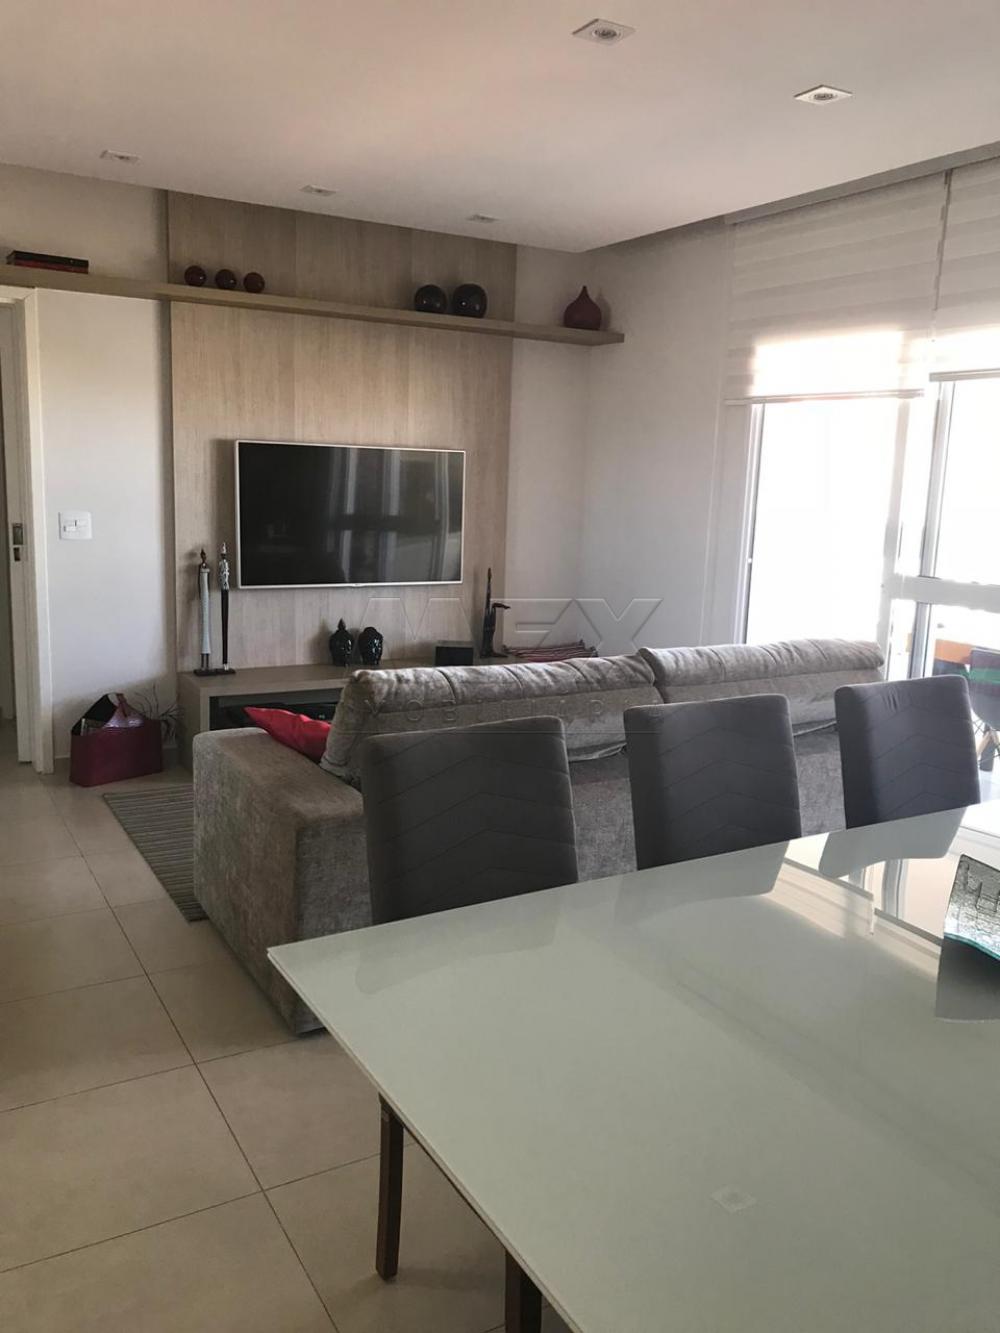 Comprar Apartamento / Padrão em Bauru R$ 790.000,00 - Foto 1